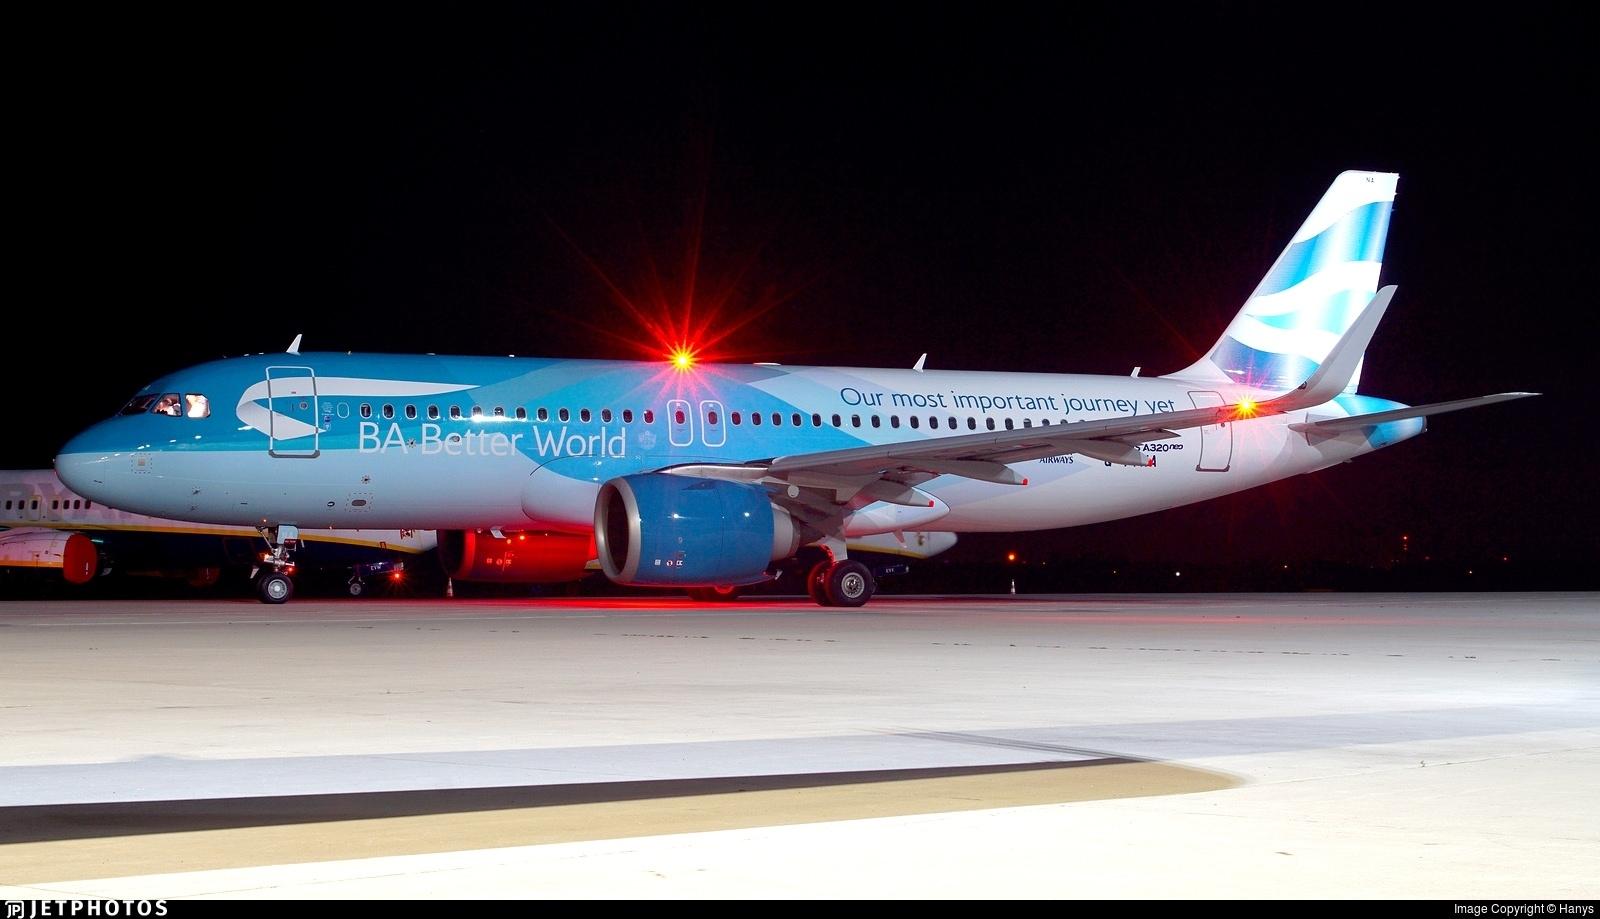 British Airways BA Better World A320neo